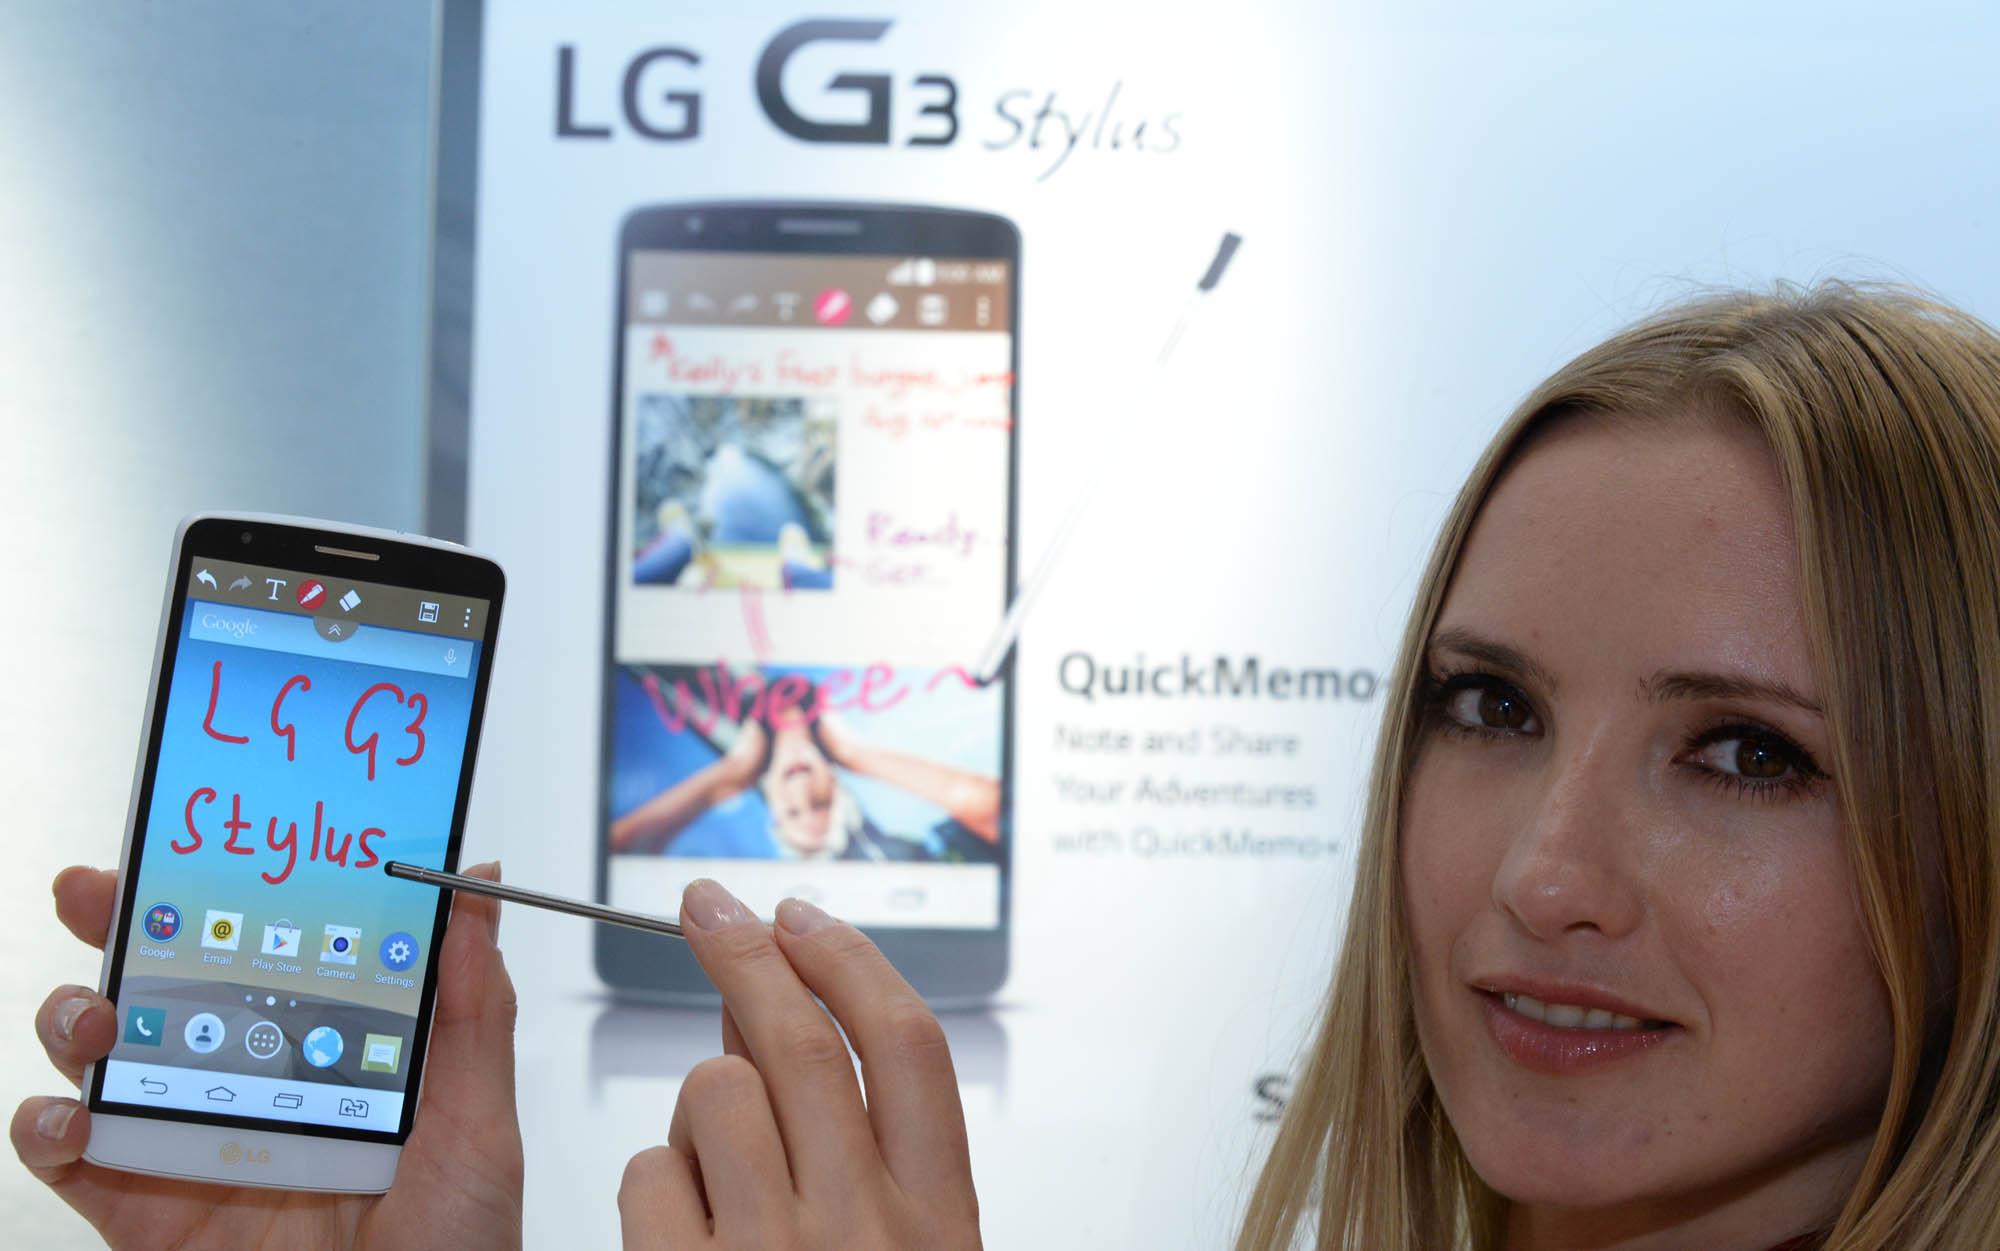 Смартфон LG G3 Stylus поступает в продажу